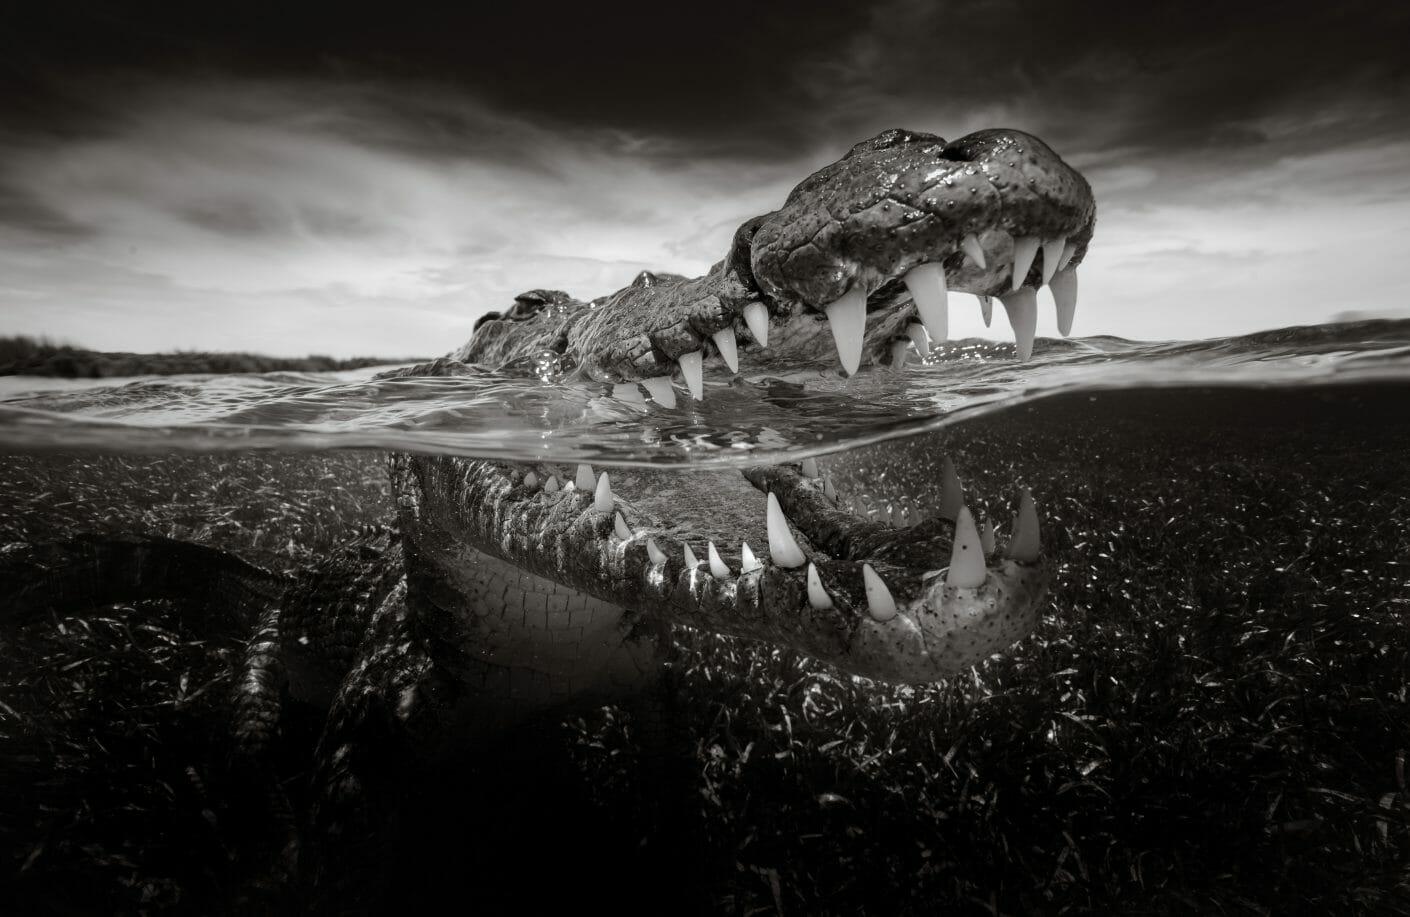 Photo à moitié soit l'eau d'un crocodile qui ouvre la gueule